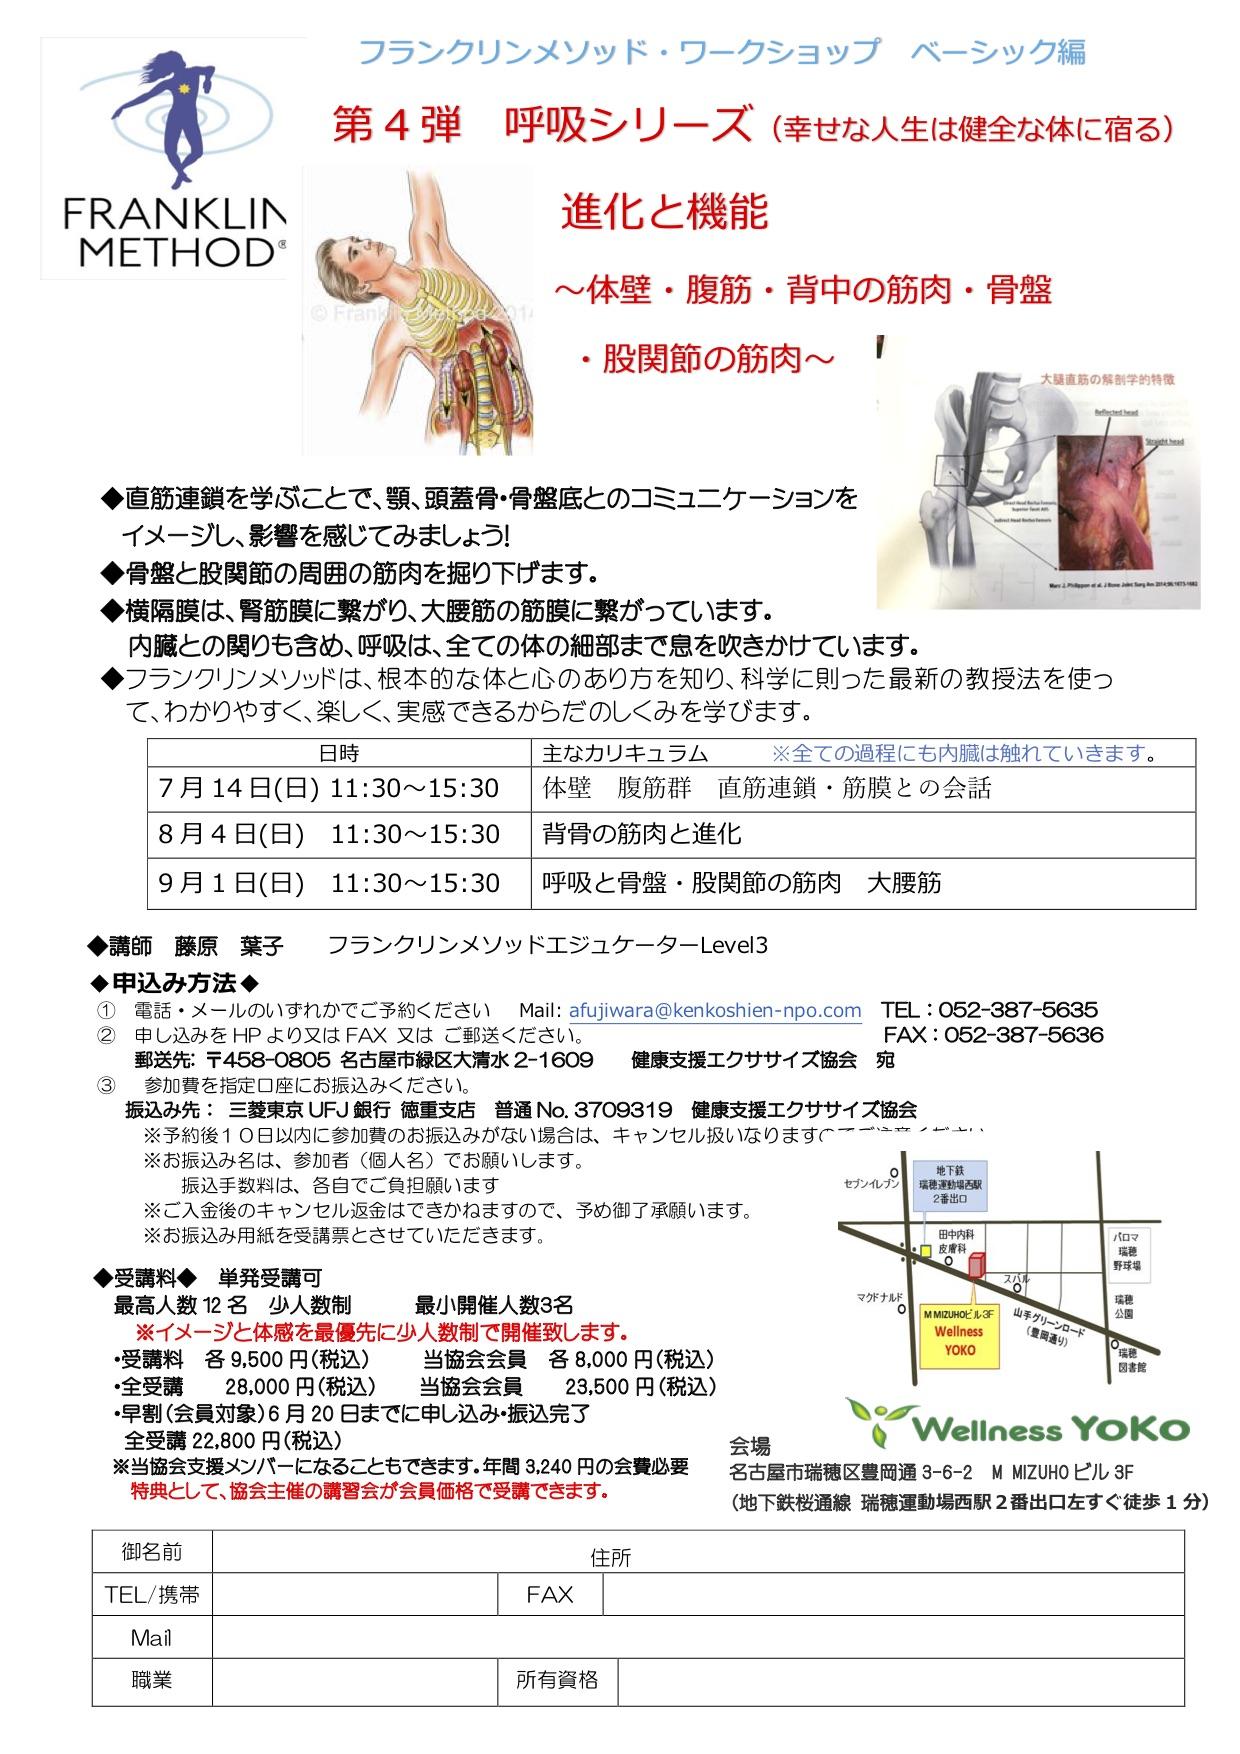 9月1日(日)名古屋 藤原葉子WS「第4弾フランクリンメソッド・ワークショップ 呼吸シリーズ  ベーシック編 進化と機能 ~体壁・腹筋・背中の筋肉・骨盤・股関節の筋肉~」